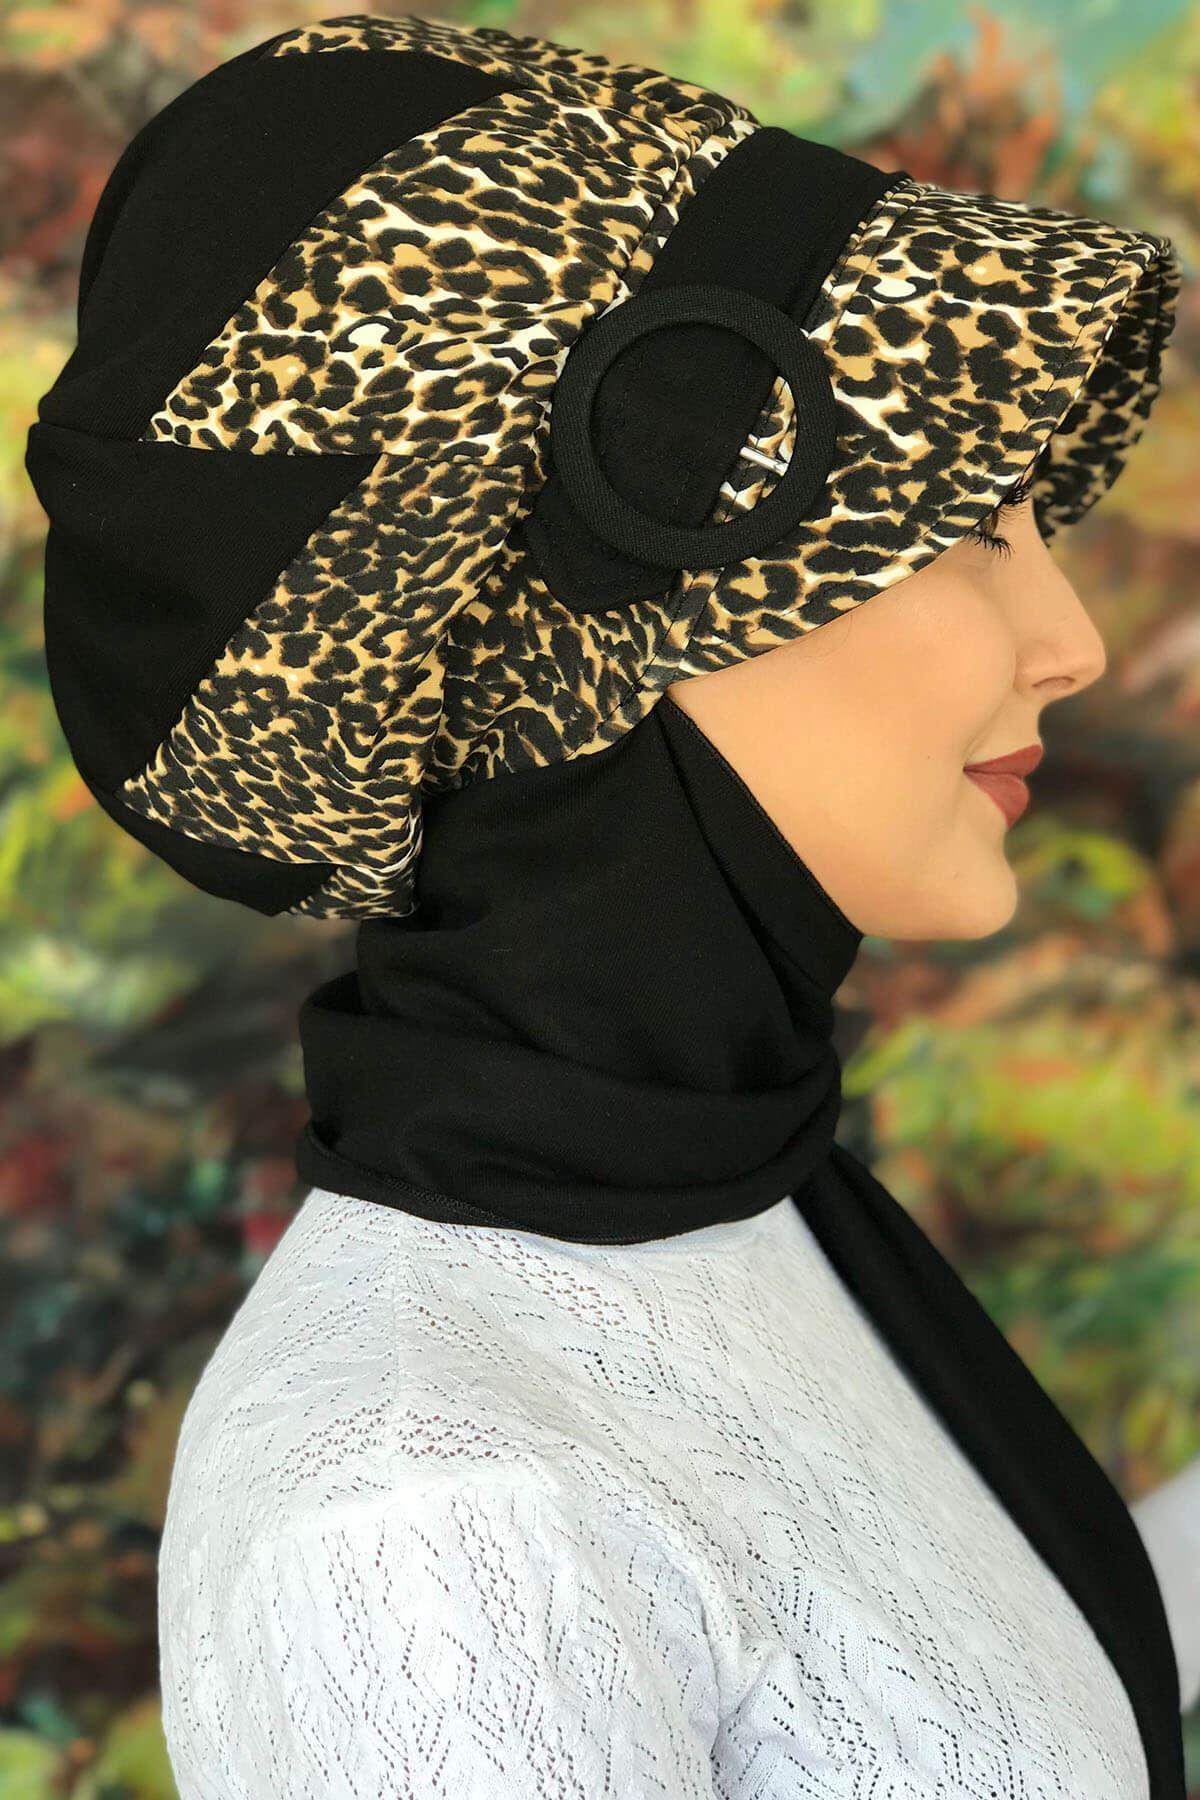 Bad-ı Saba Leoparlı Çarkıfelek Tokalı Siyah Atkılı Şapka